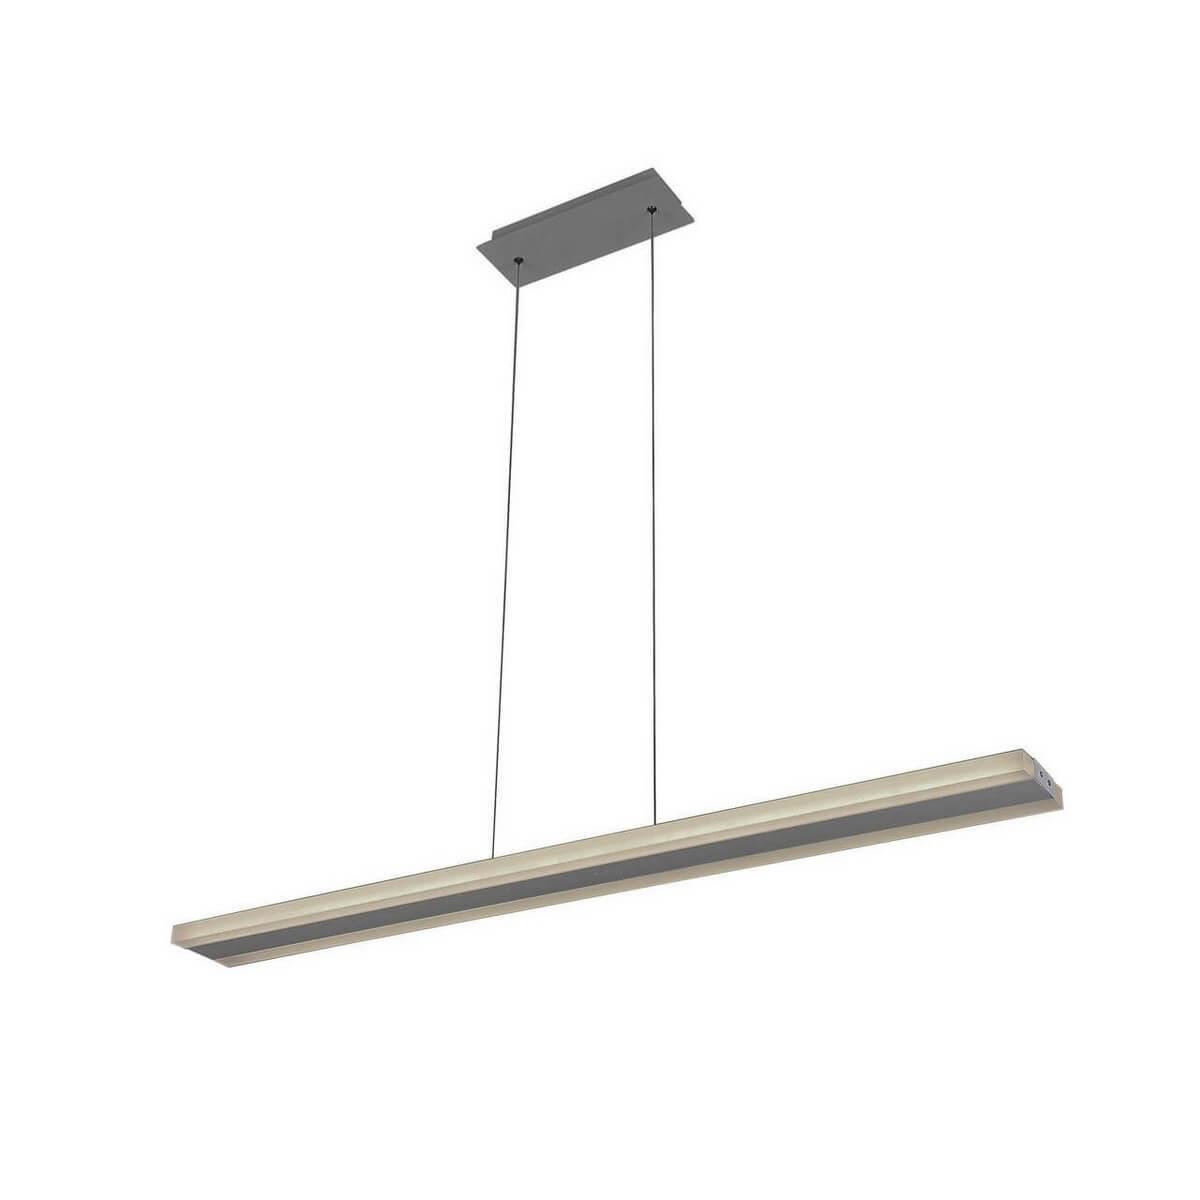 цены на Подвесной светильник Kink Light 08206(4000K), LED, 20 Вт  в интернет-магазинах